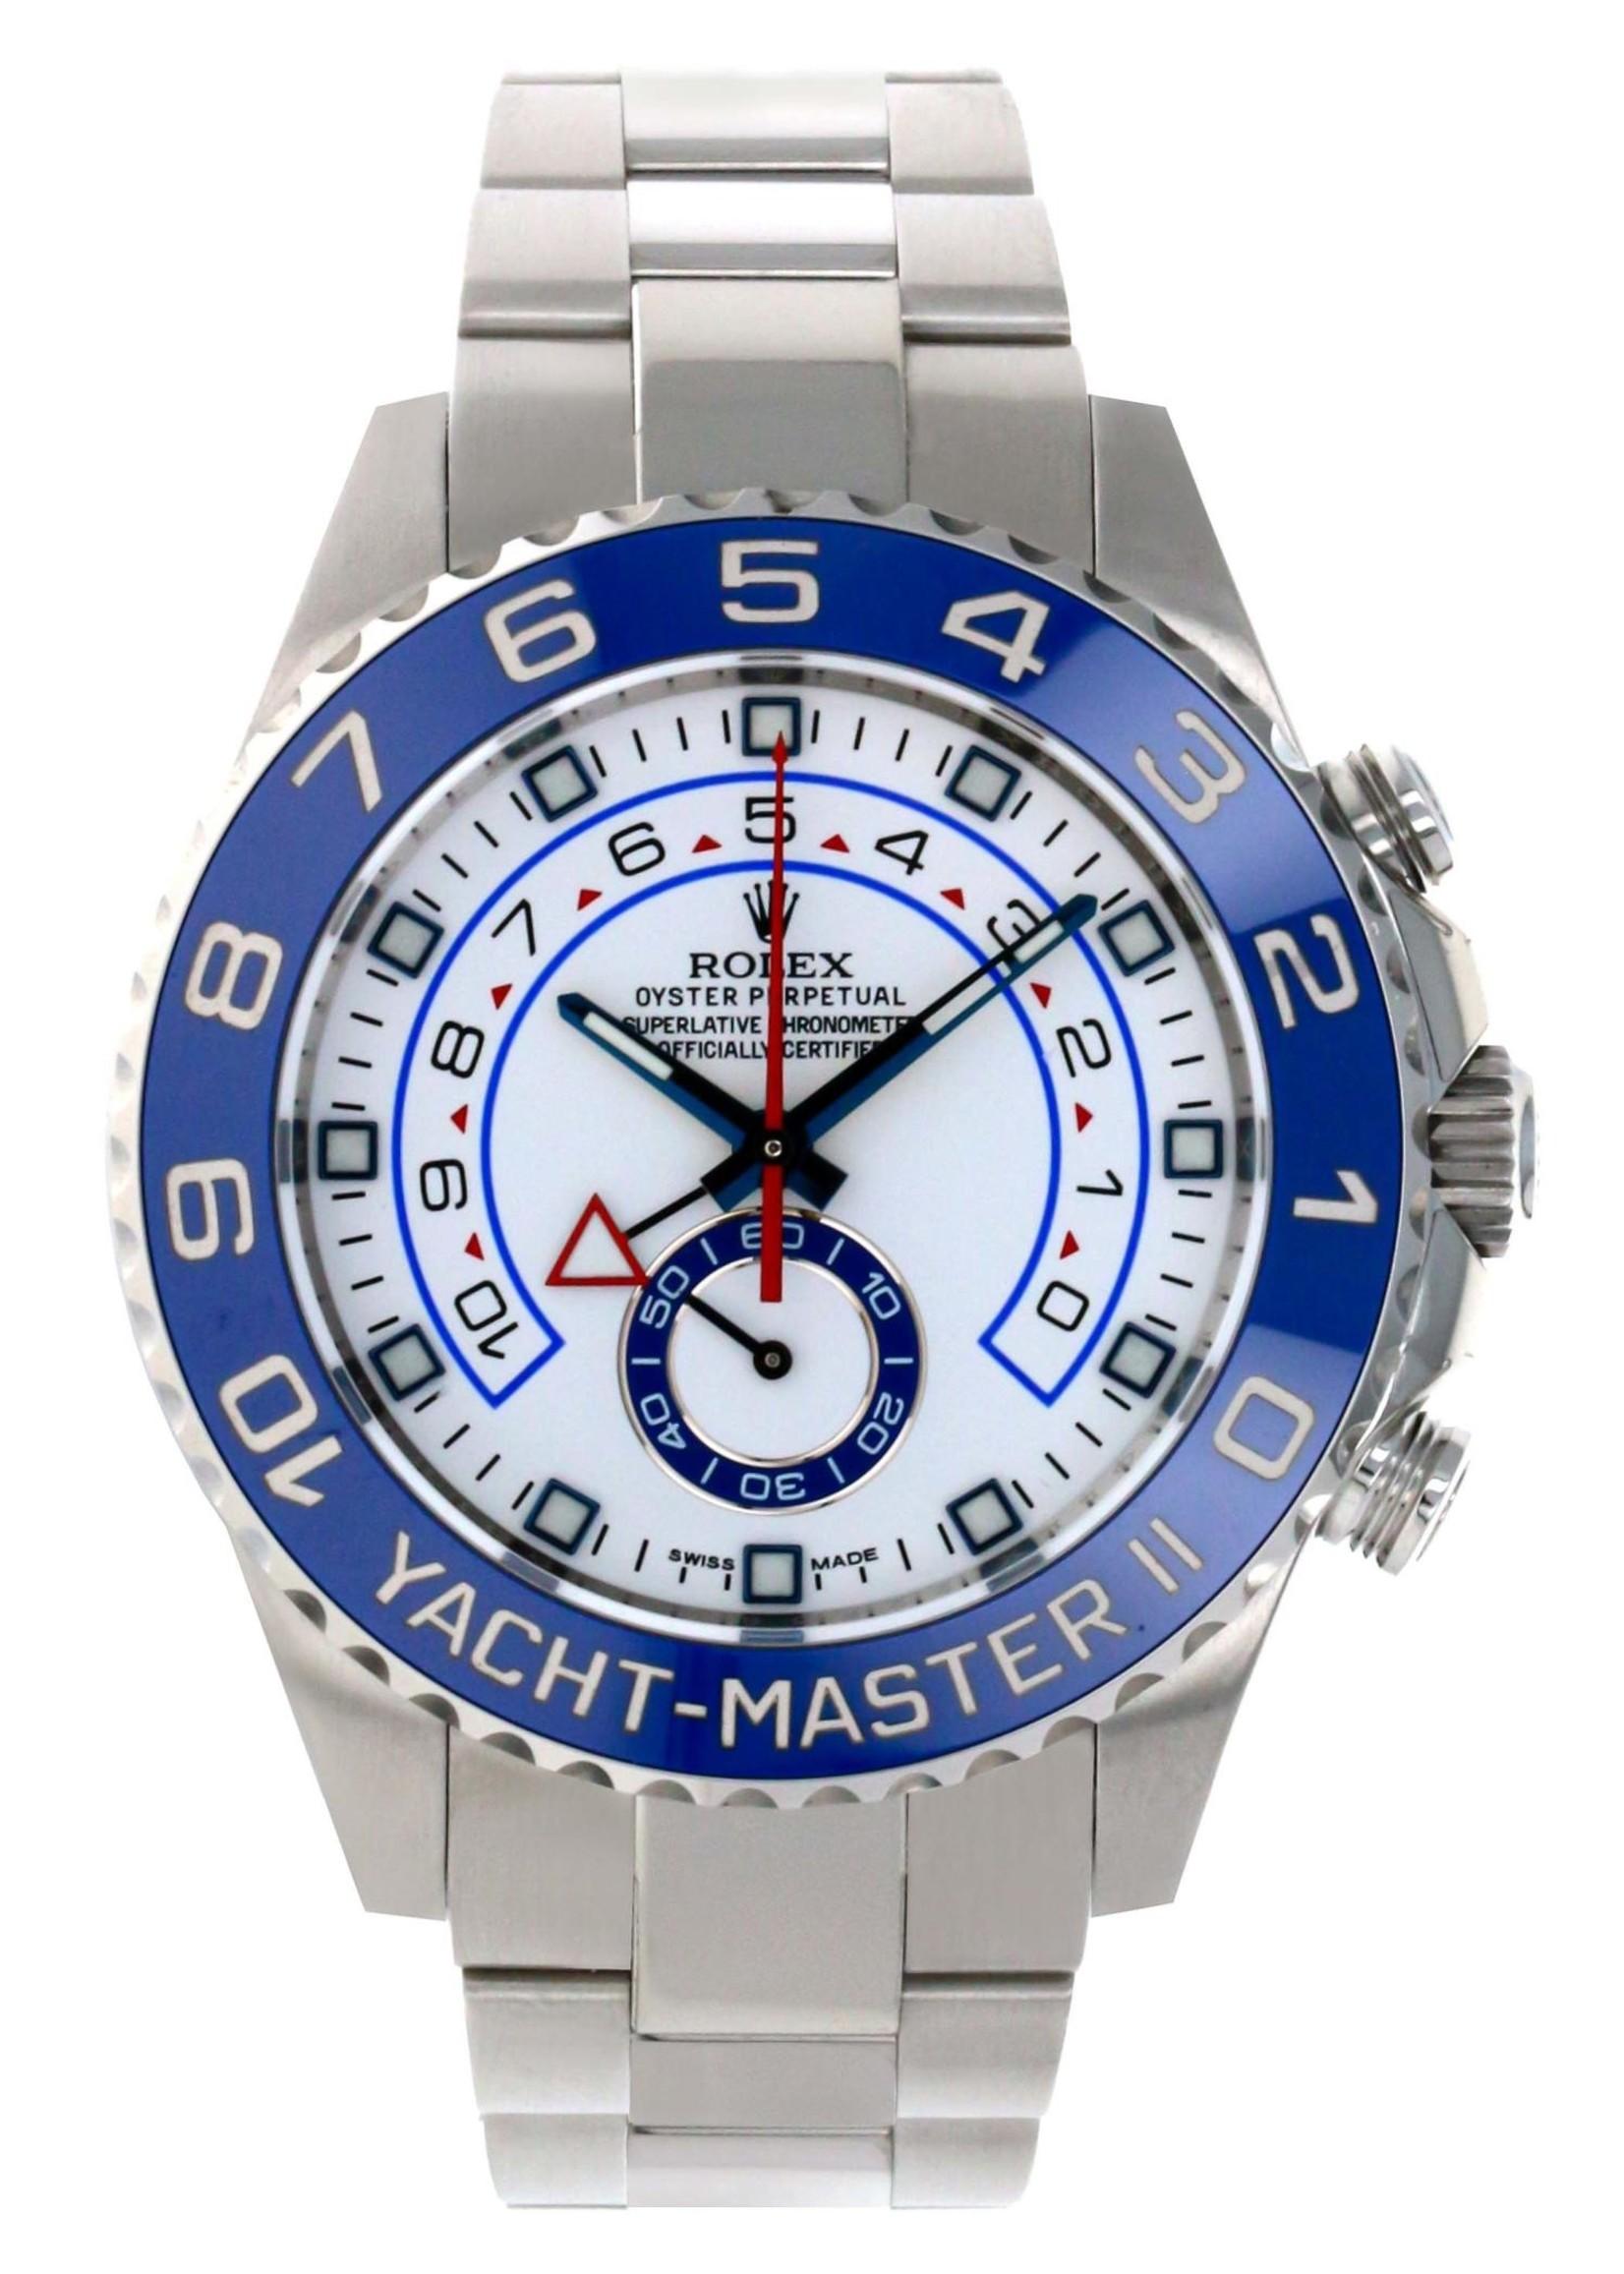 Rolex Watches Rolex Steel Yacht-Master II 44 Watch